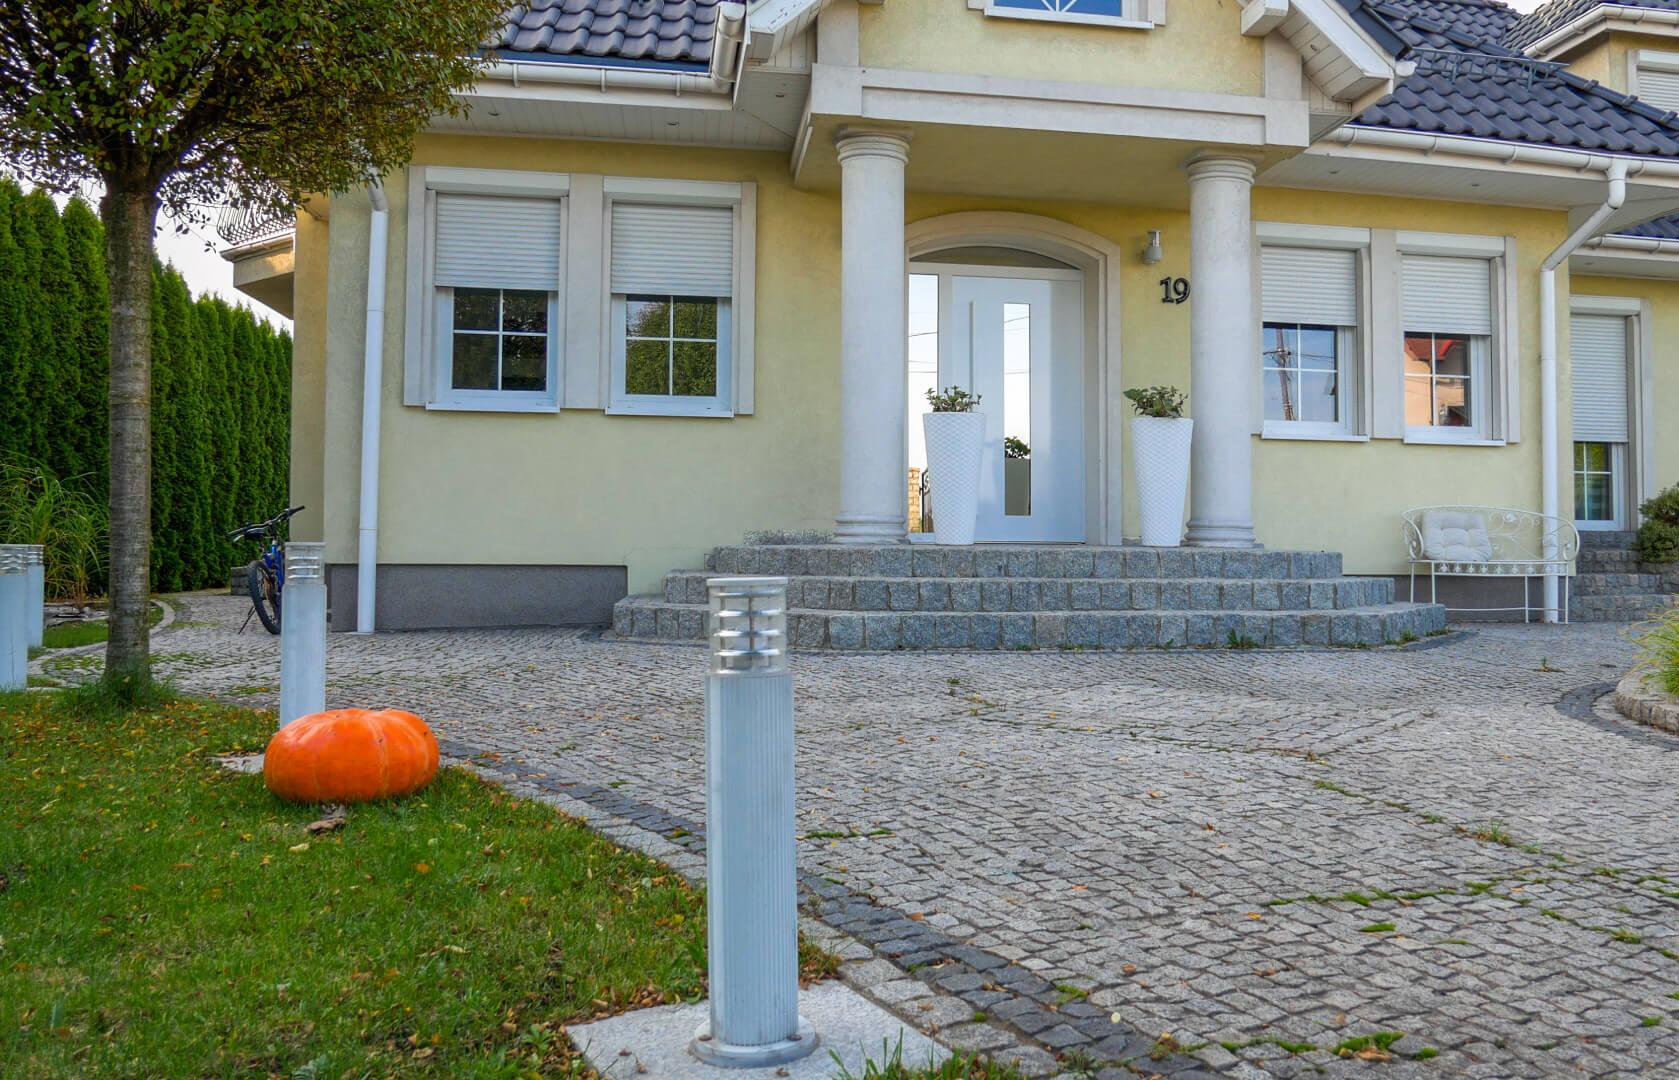 drzwi-zewnętrzne-do-domu-wodzisław-śląski-1.1